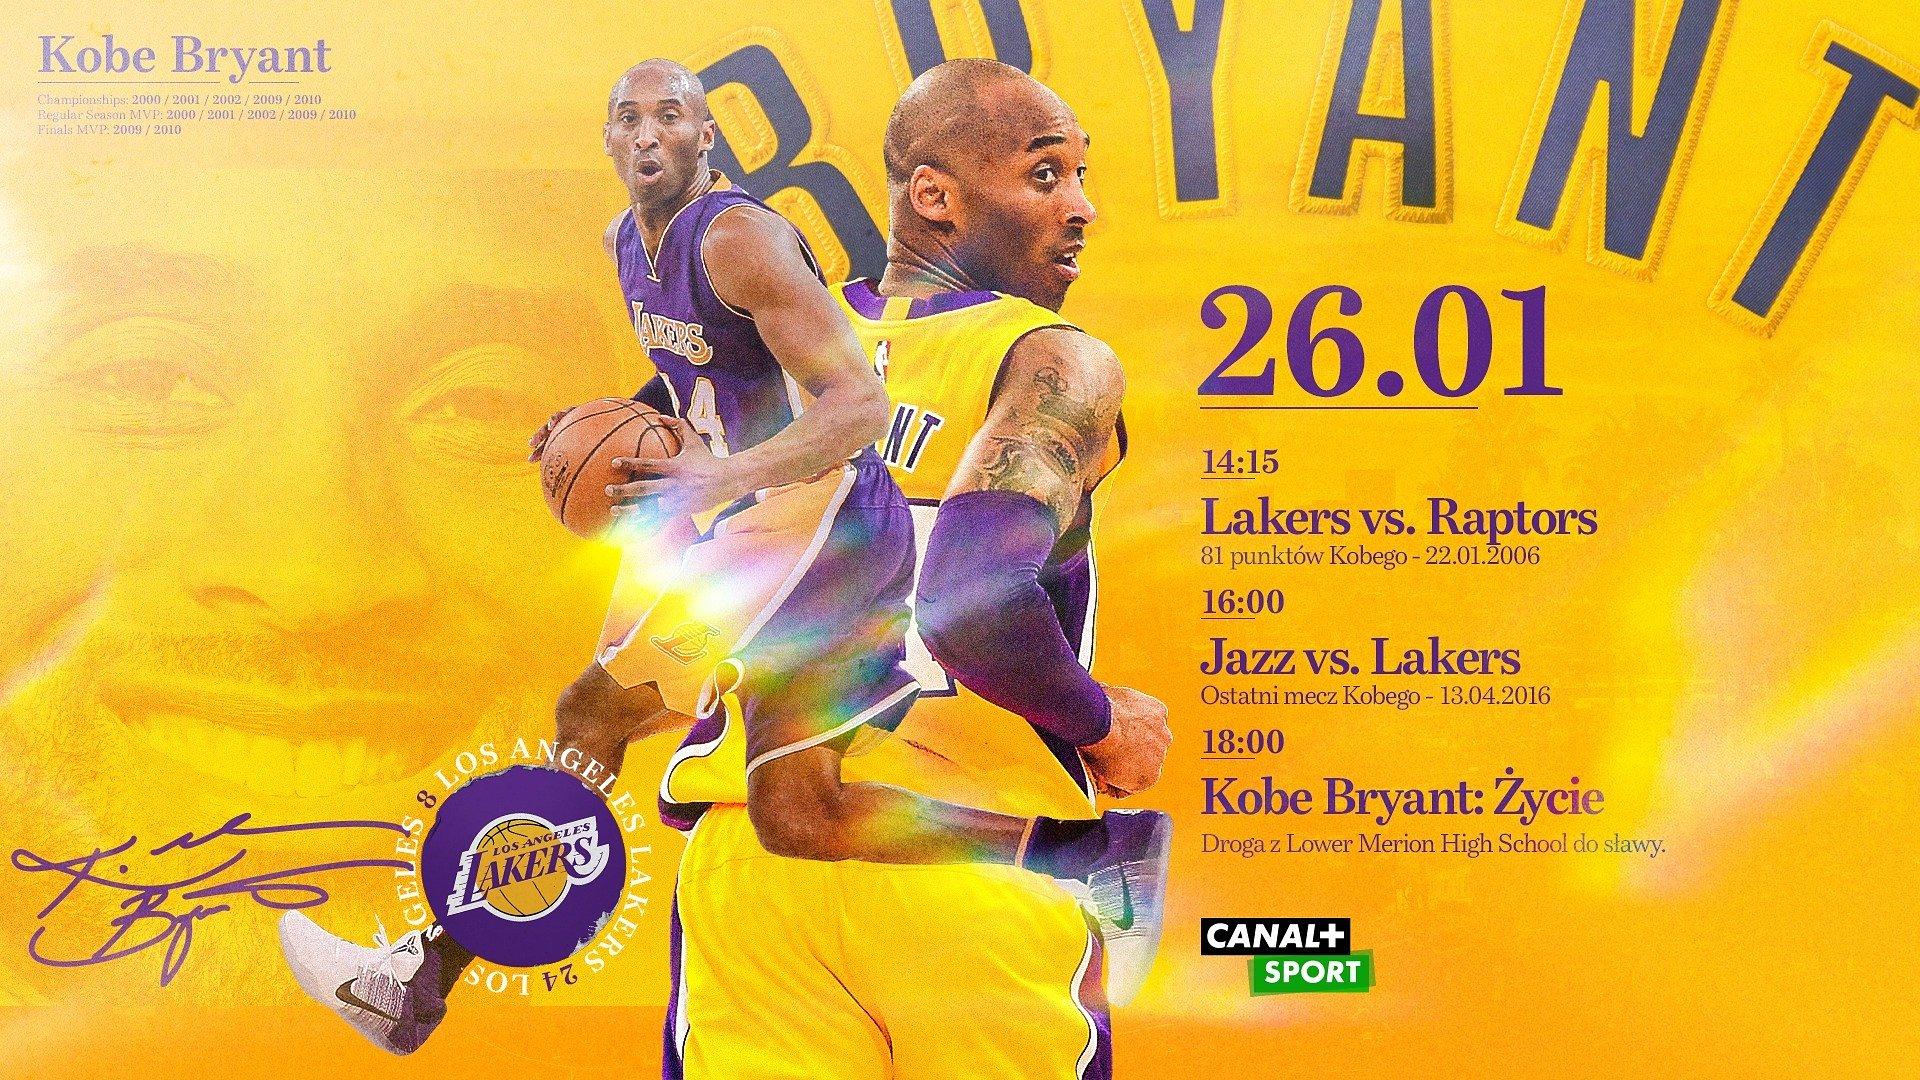 Wspomnienie Kobego Bryanta w CANAL+SPORT